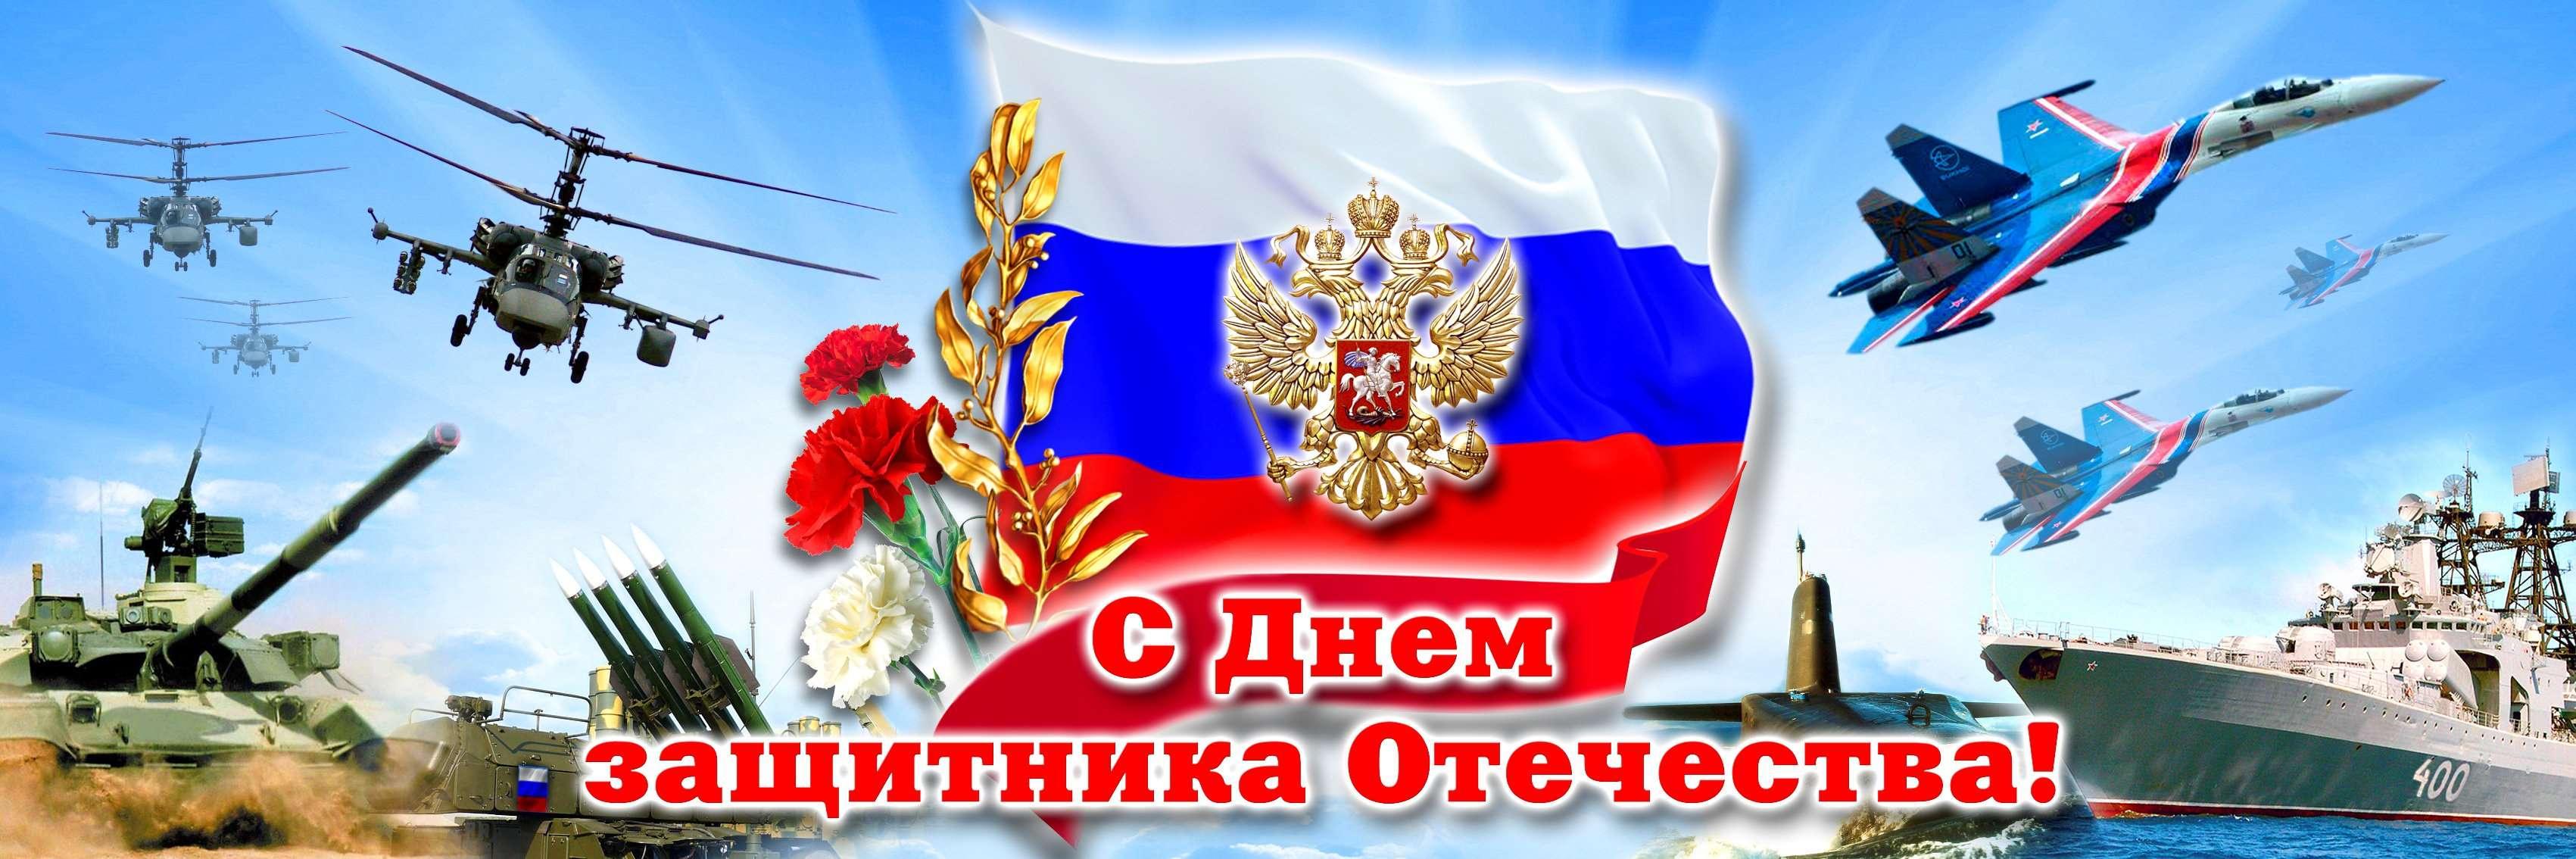 http://school15yi.ru/wp-content/uploads/2017/02/23-%D1%84%D0%B5%D0%B2%D1%80%D0%B0%D0%BB%D1%8F.jpg